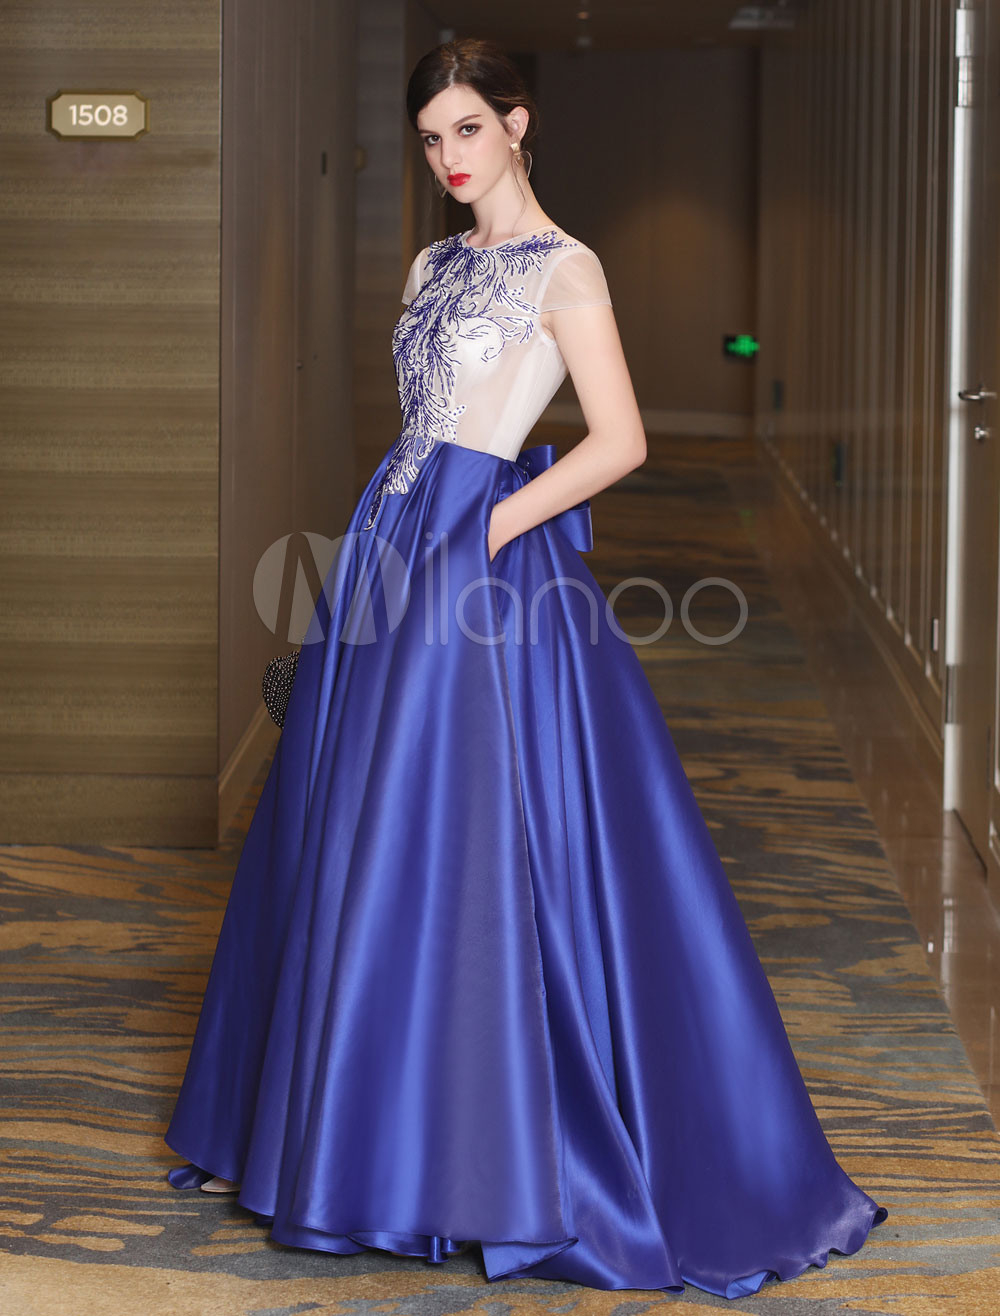 13 Luxurius Satin Abendkleid Galerie15 Luxurius Satin Abendkleid für 2019